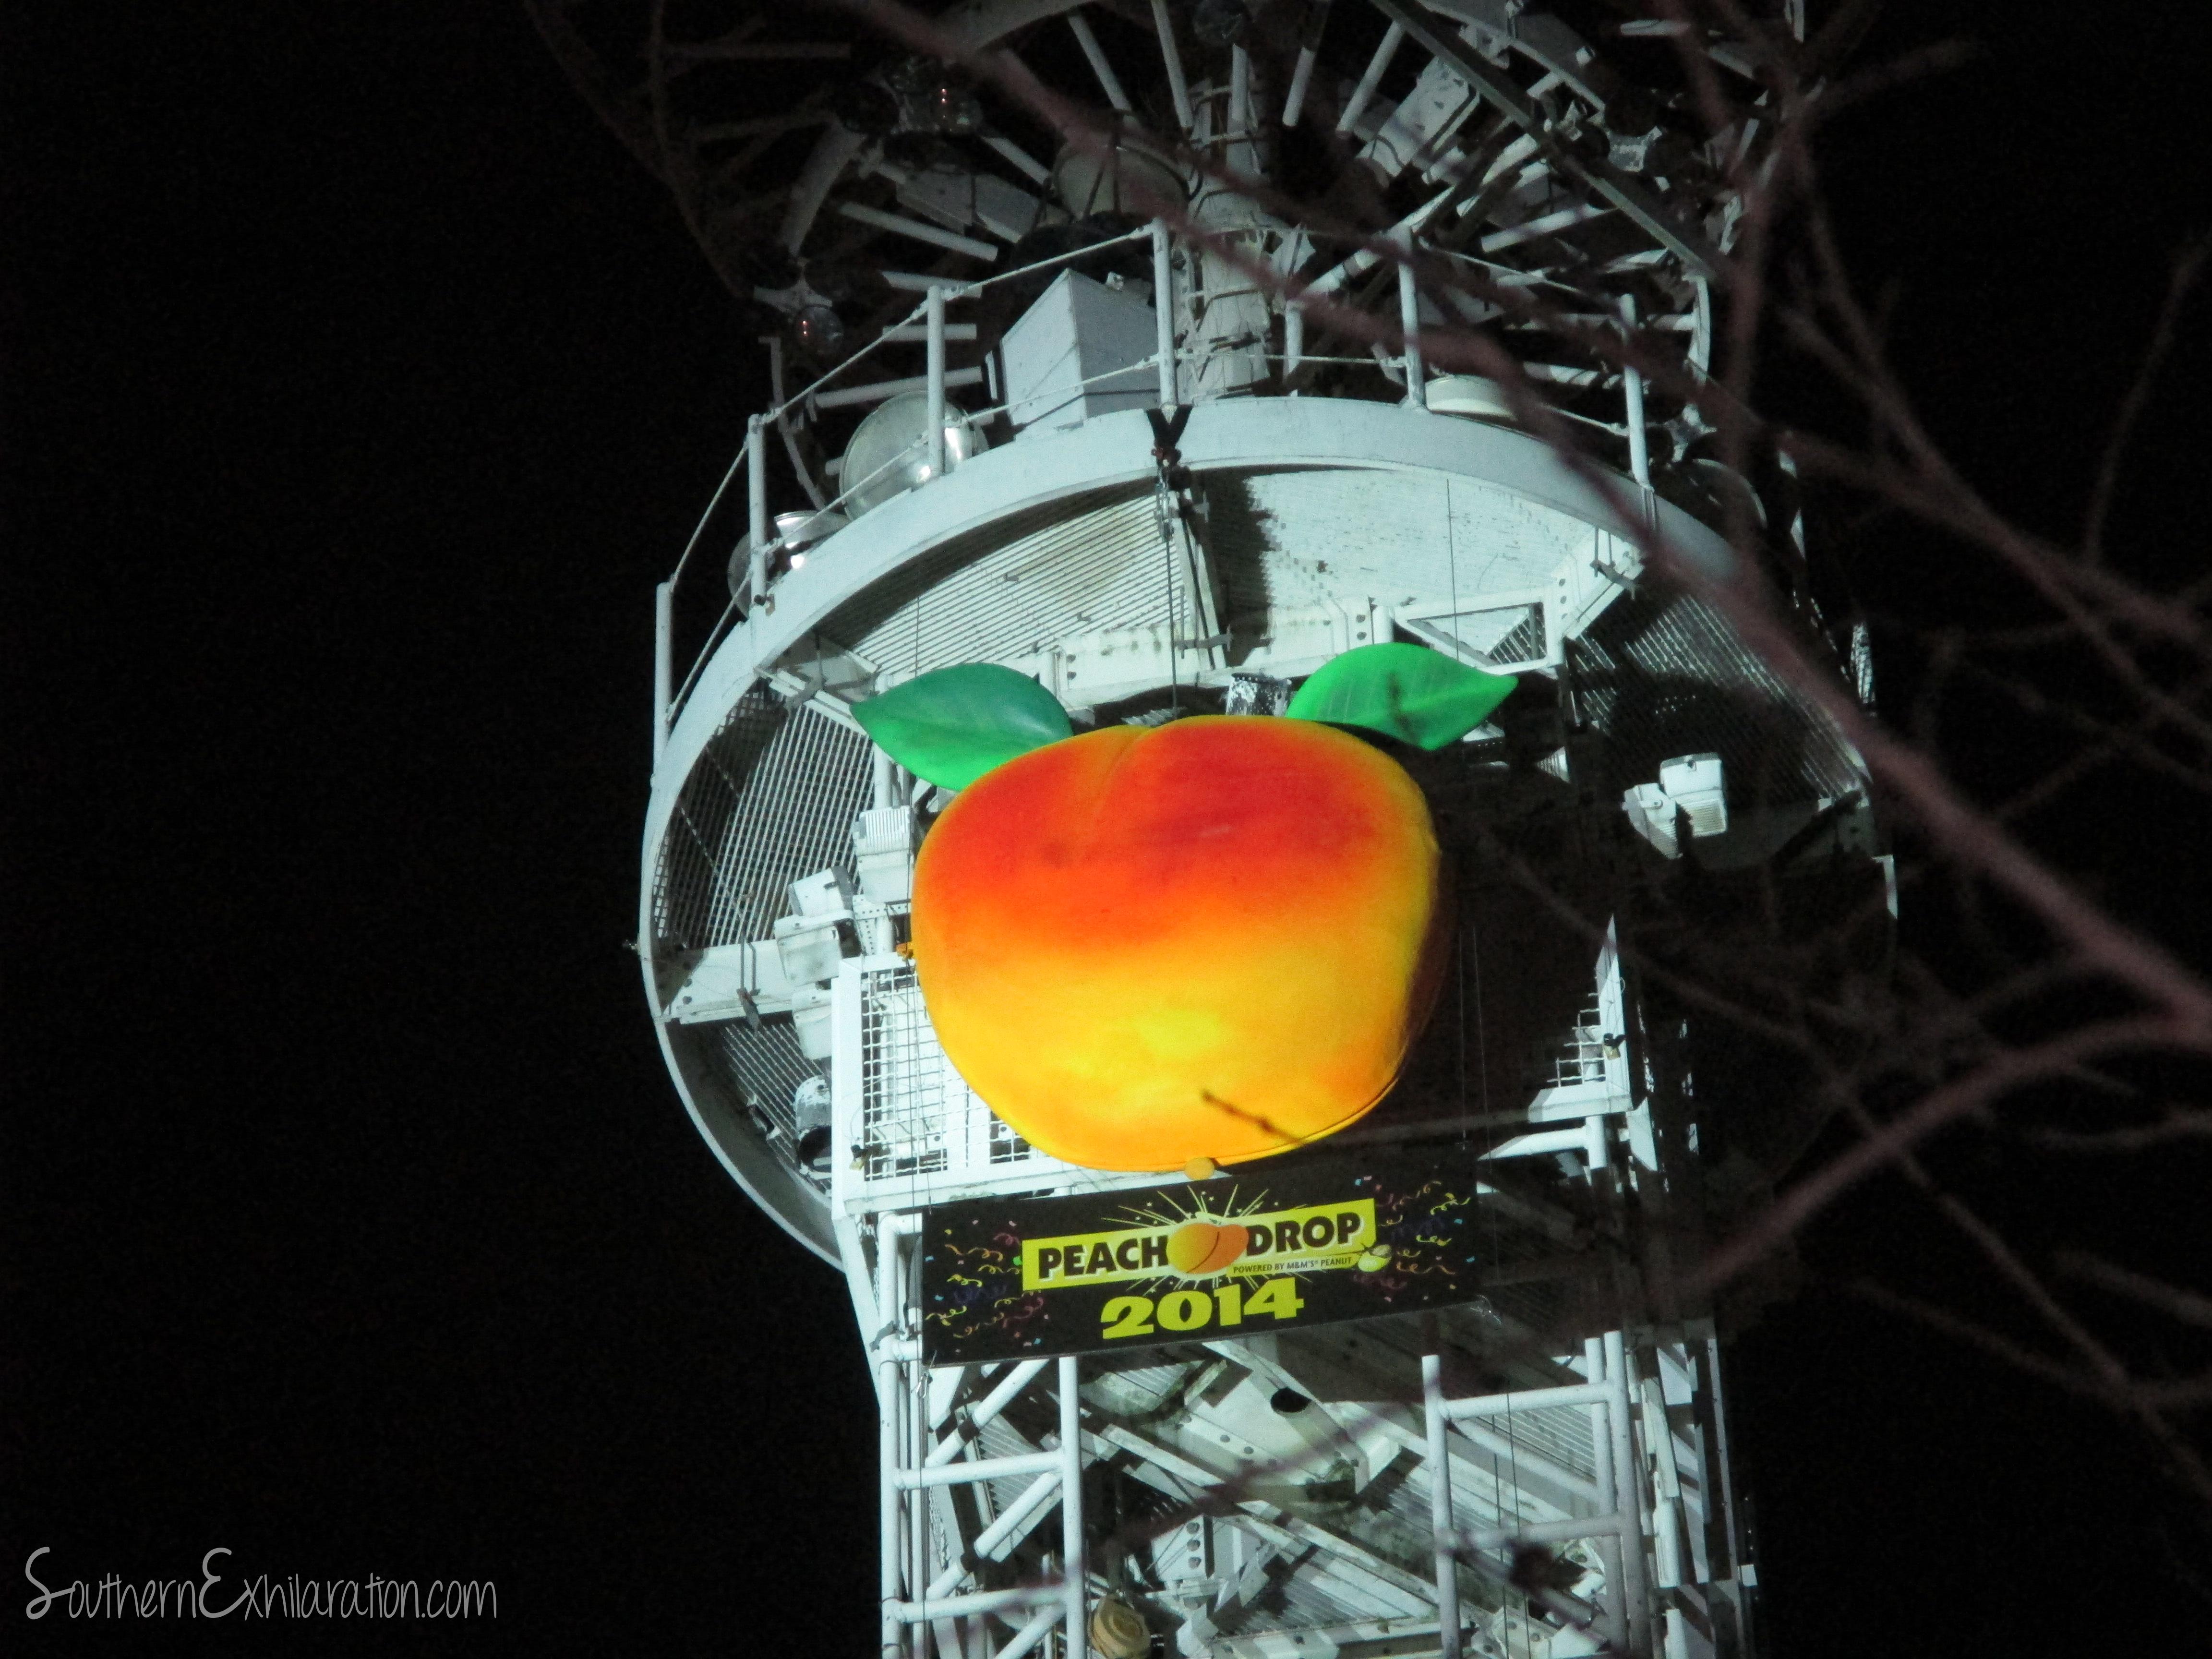 Atlanta's Peach Drop